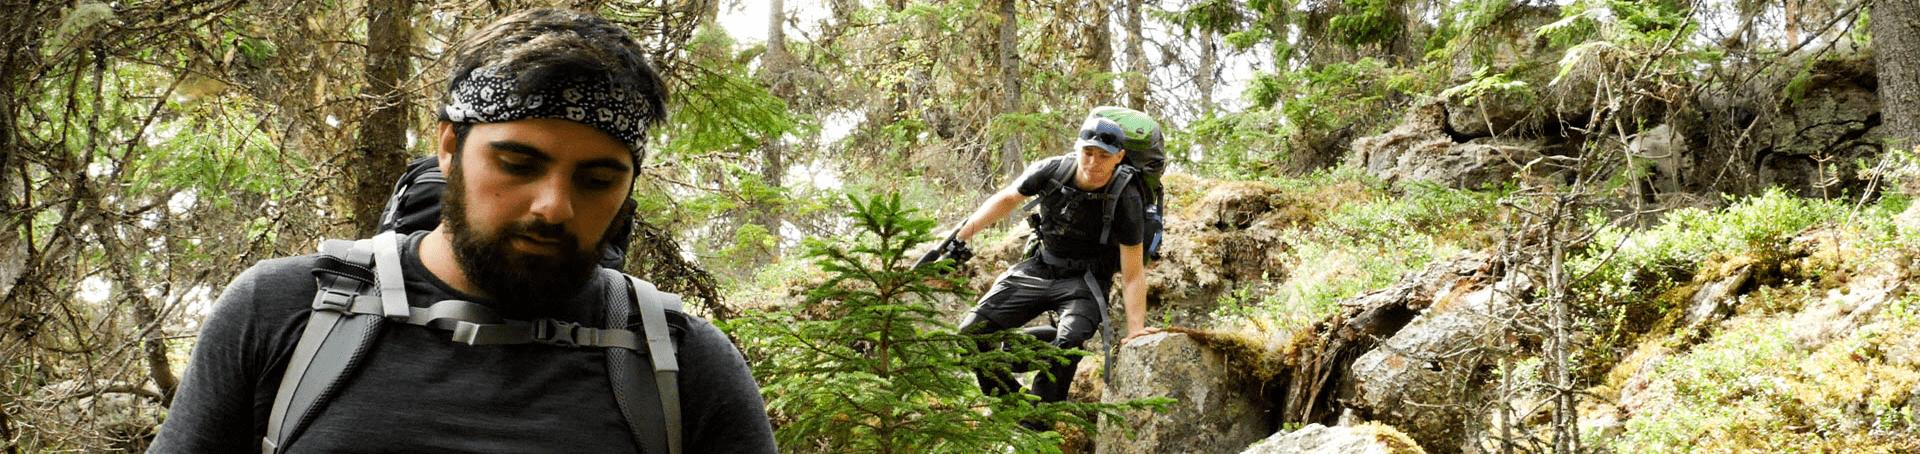 Giuli und Markus durchqueren schwierige Naturlandschaften in Schweden